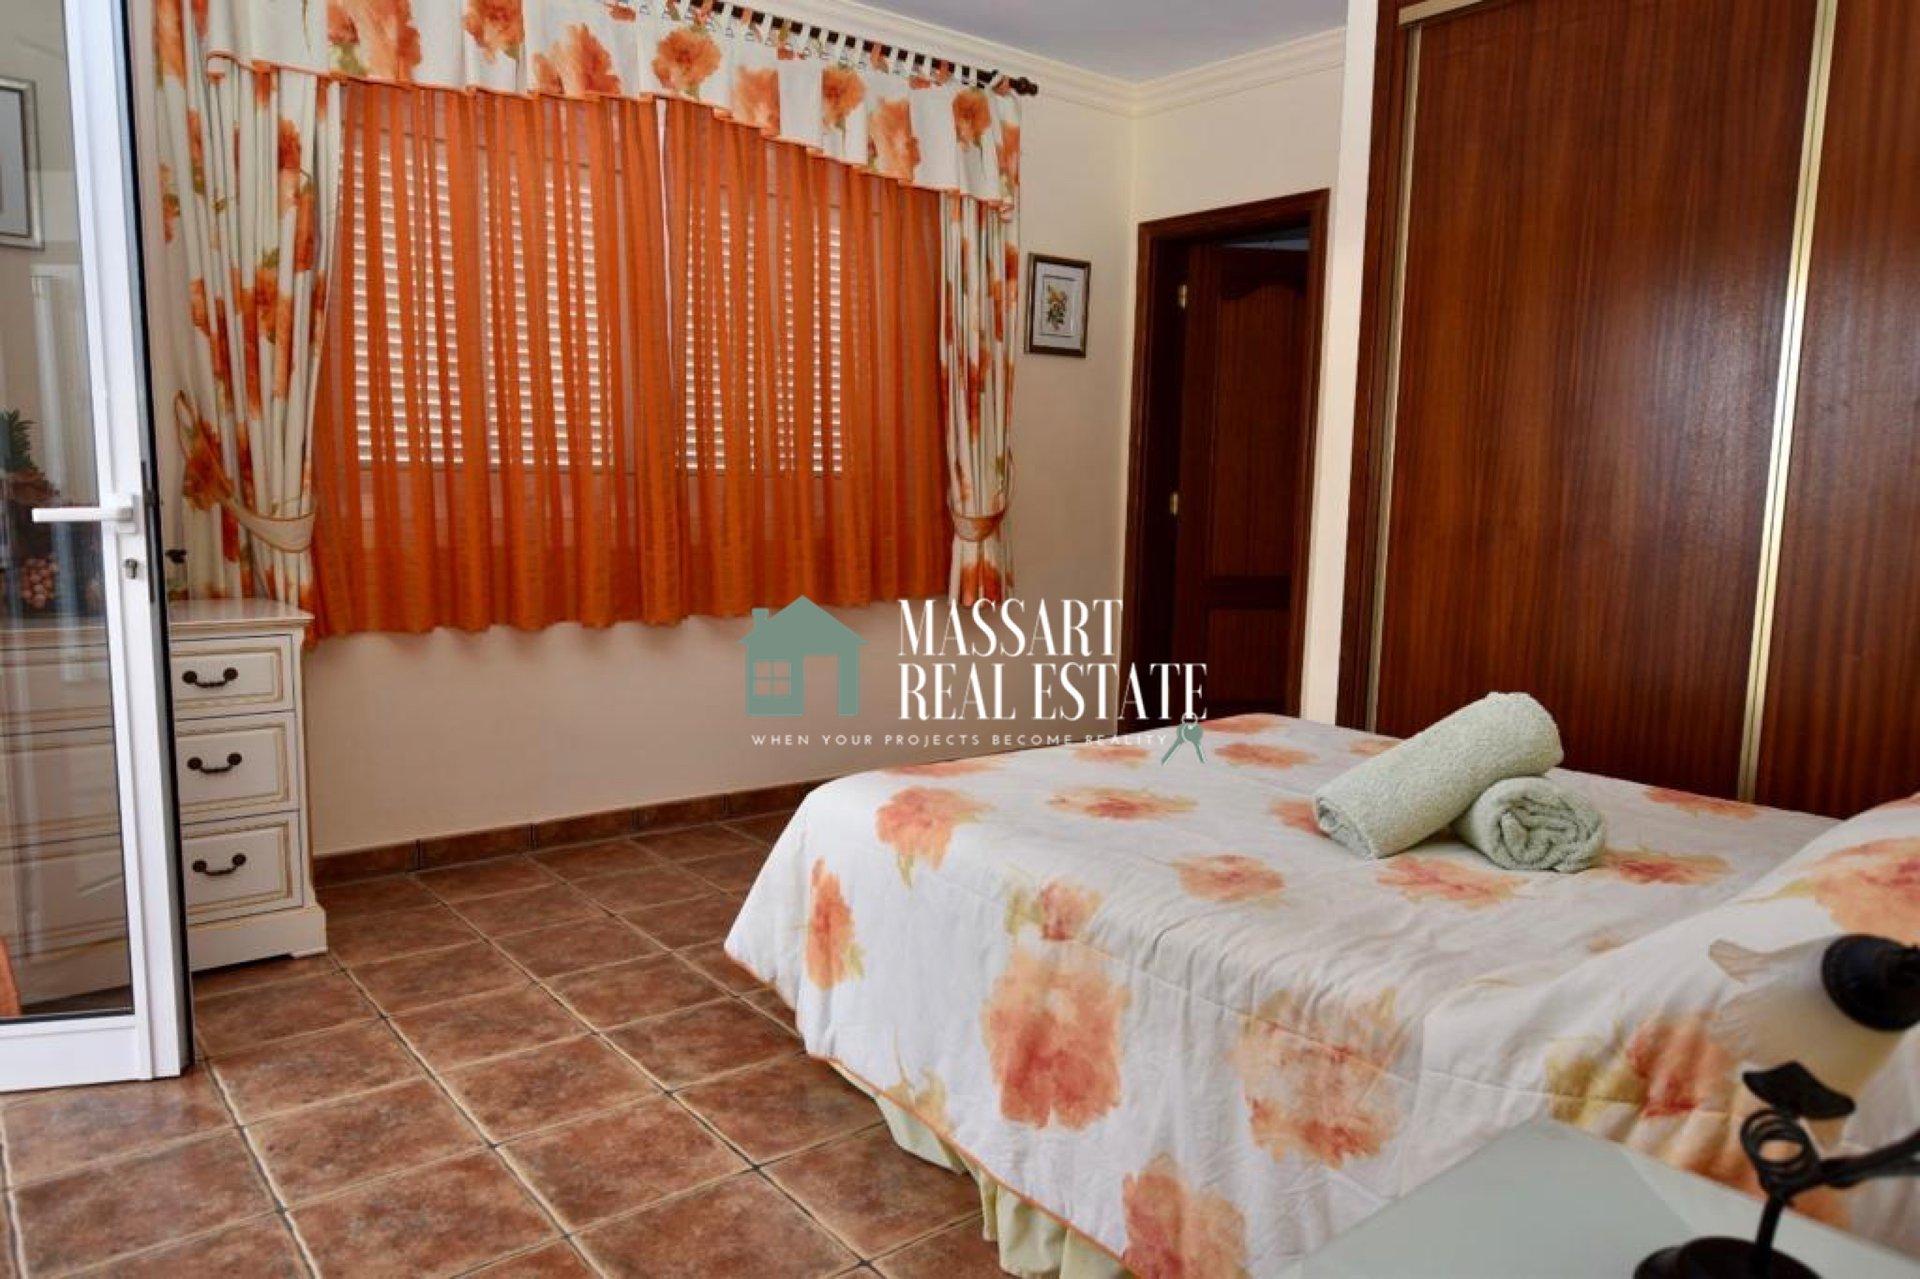 Magnífica villa de 305 m2 ubicada en Callao Salvaje caracterizada por ser sinónimo de FELICIDAD, COMODIDAD Y PRIVACIDAD.